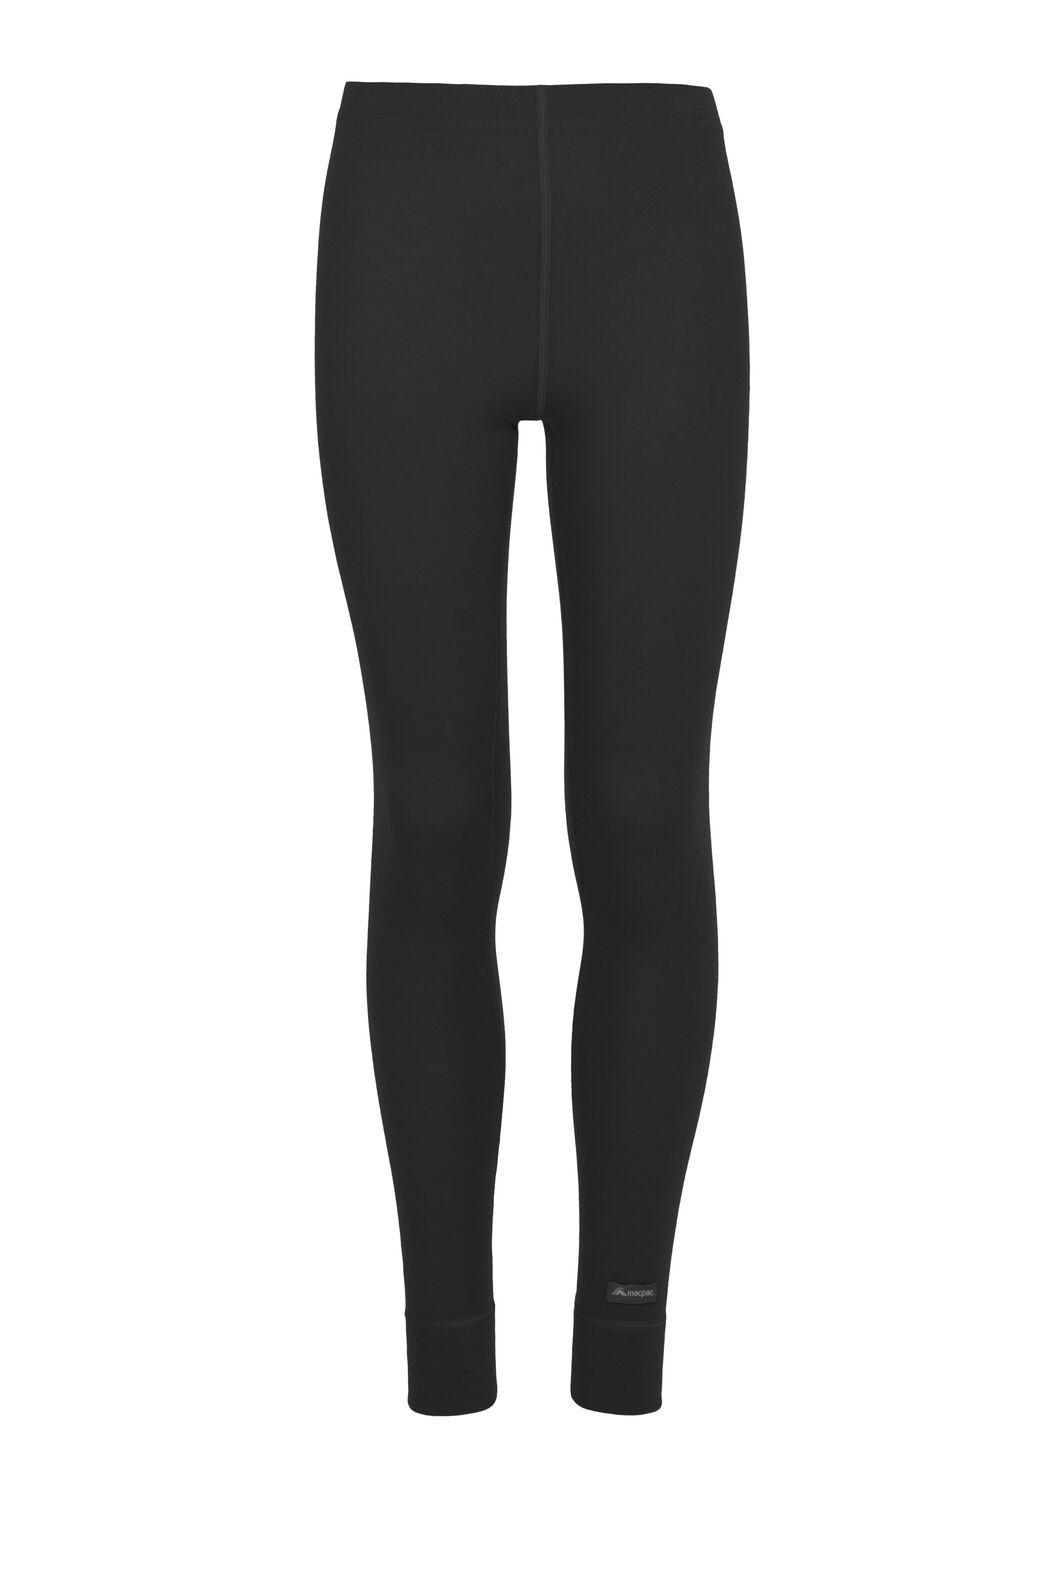 Macpac Geothermal Pants — Kids', Black, hi-res